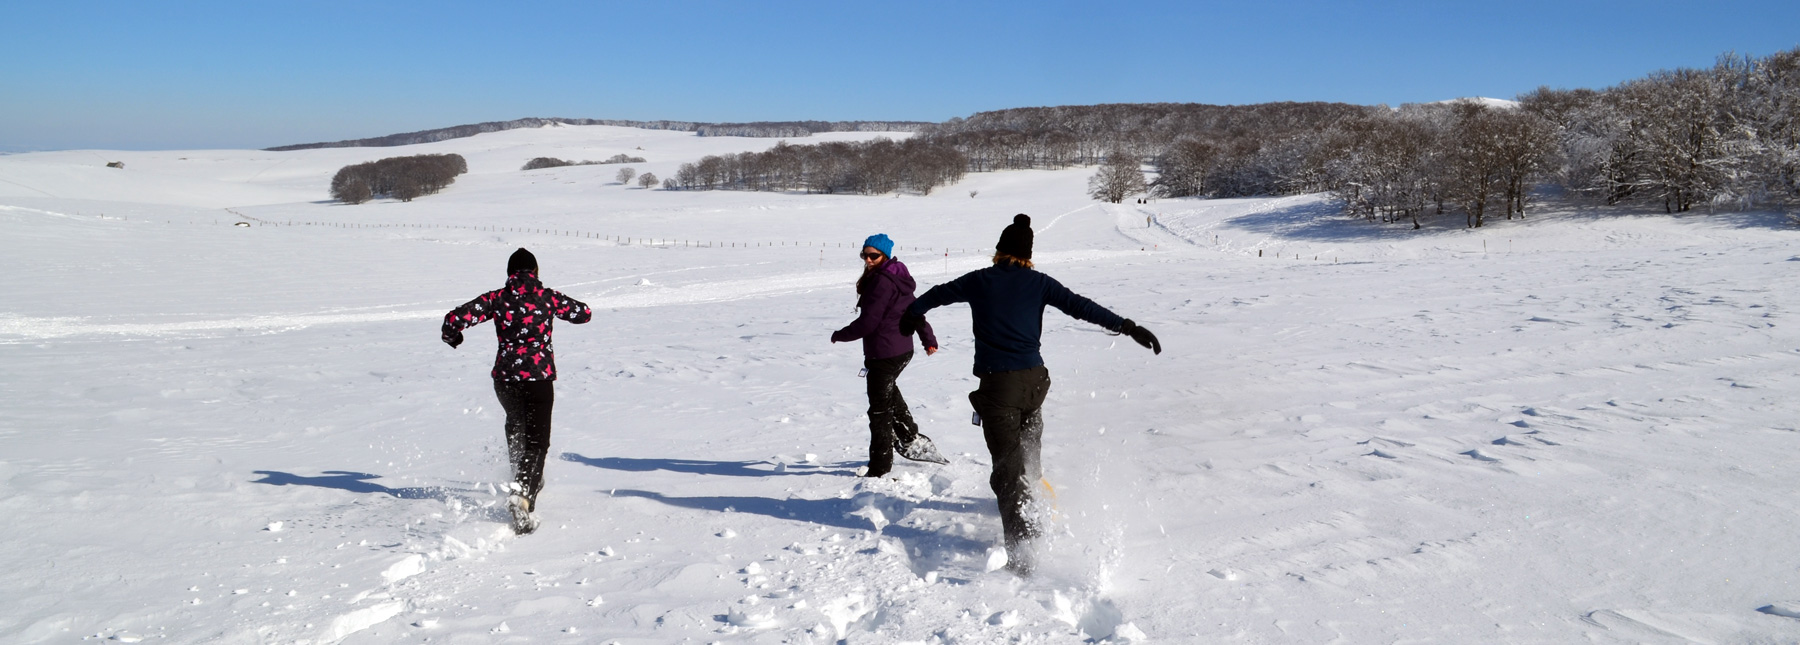 Course-dans-la-neige